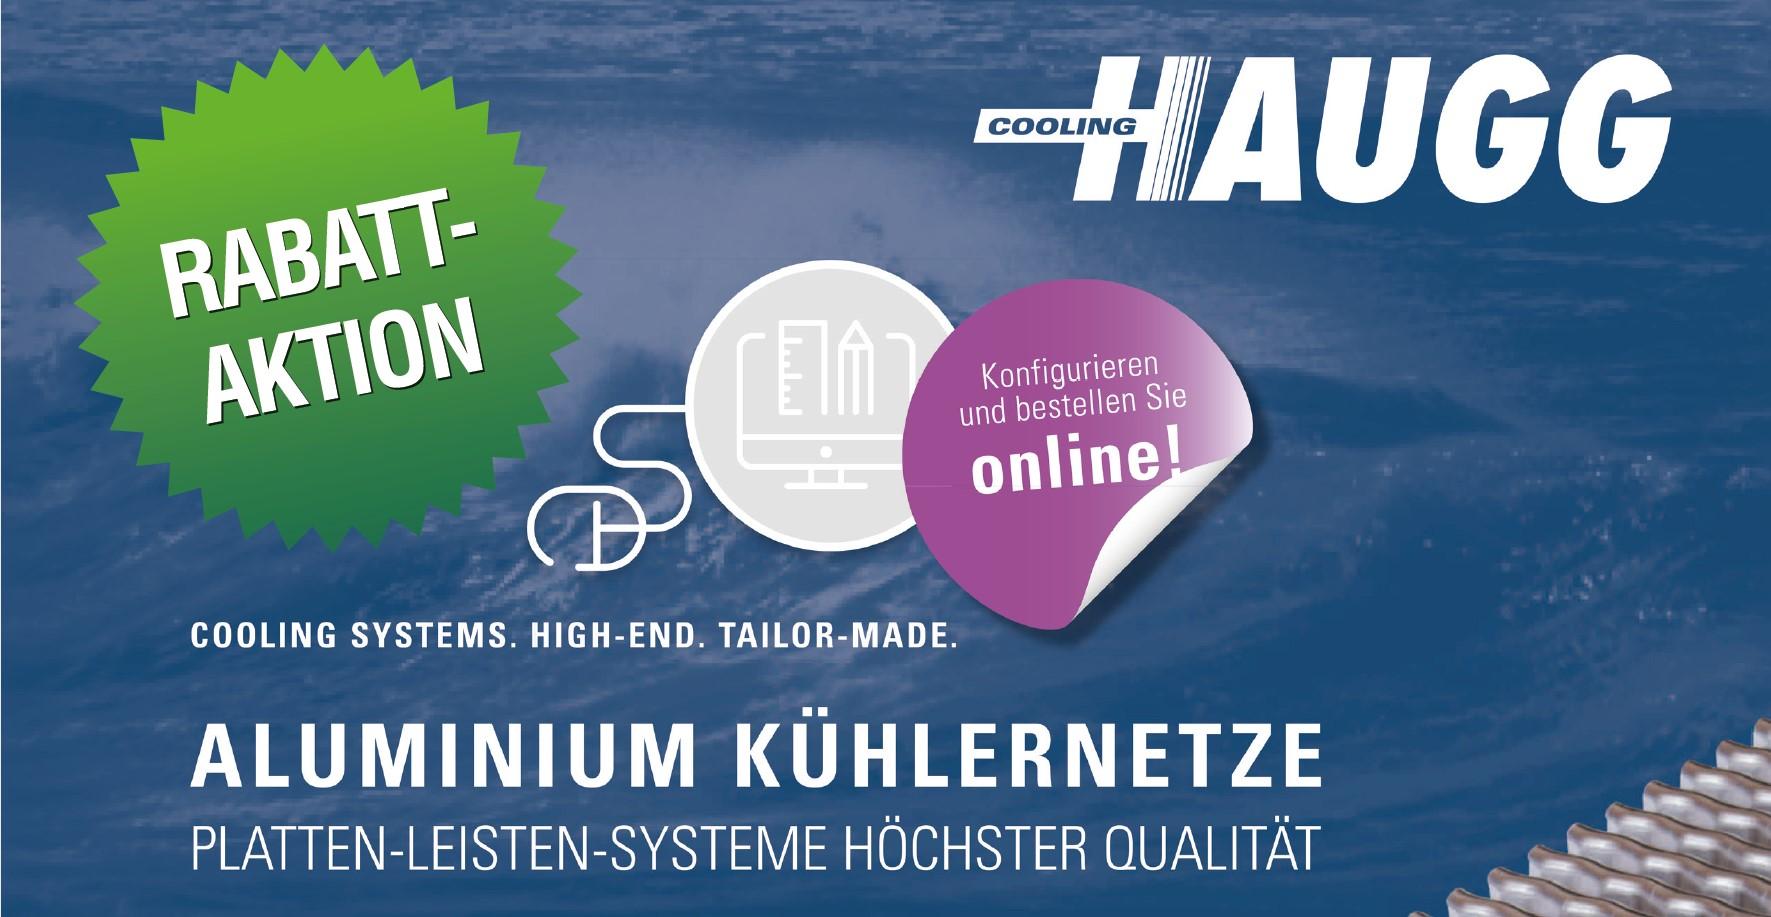 Günstigere Frachten und Rabattaktion für Alu-Platten-Leisten Kühlernetze